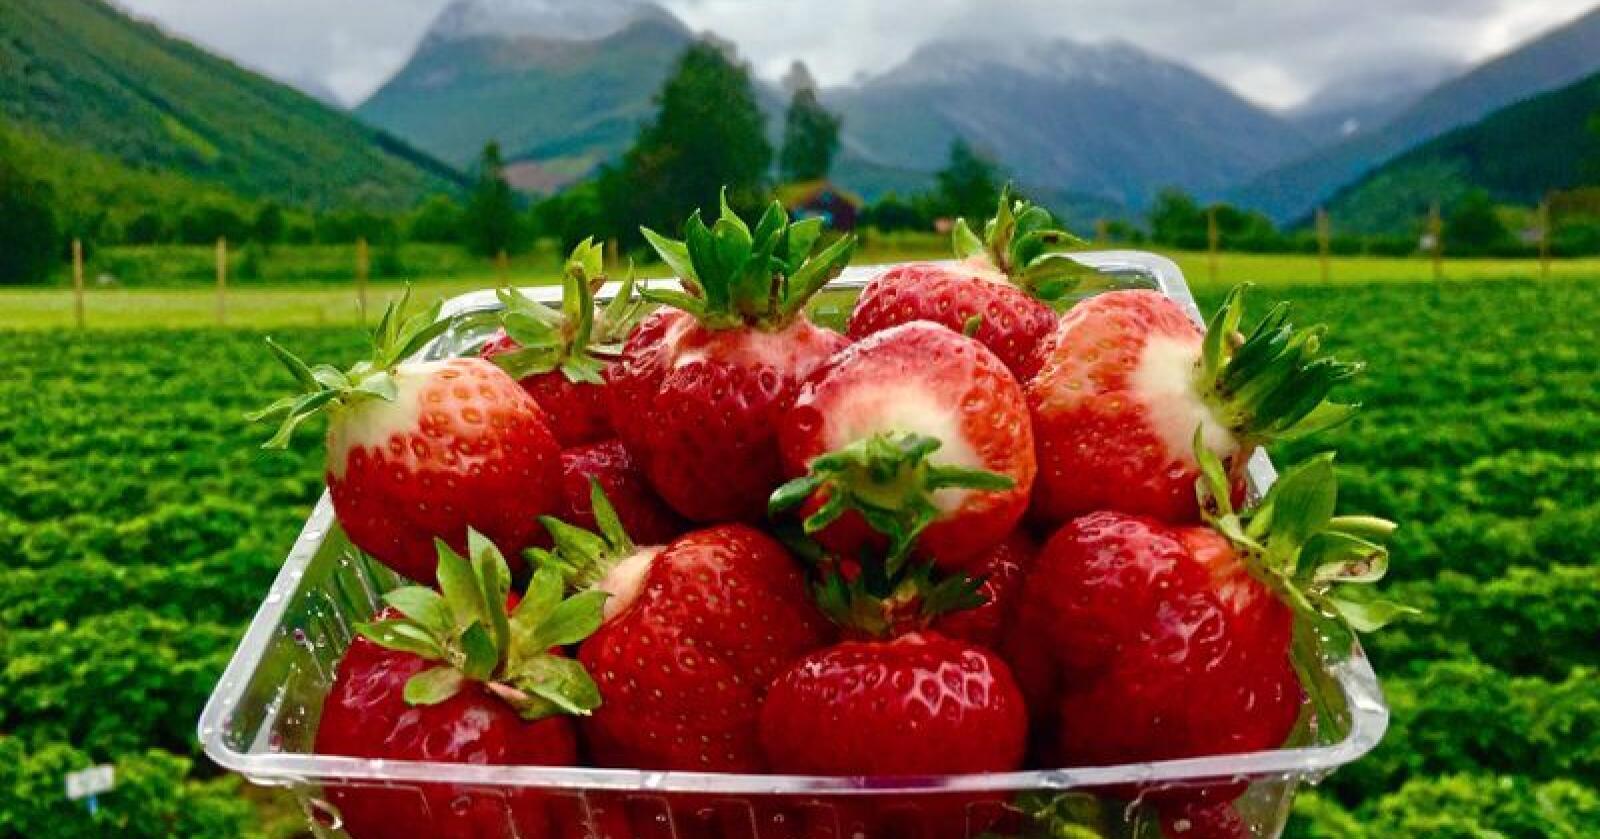 Det er slik vi helst vil ha det: Friske jordbær – som raude juvelar rett ut av åkeren. Foto: Audun Skjervøy